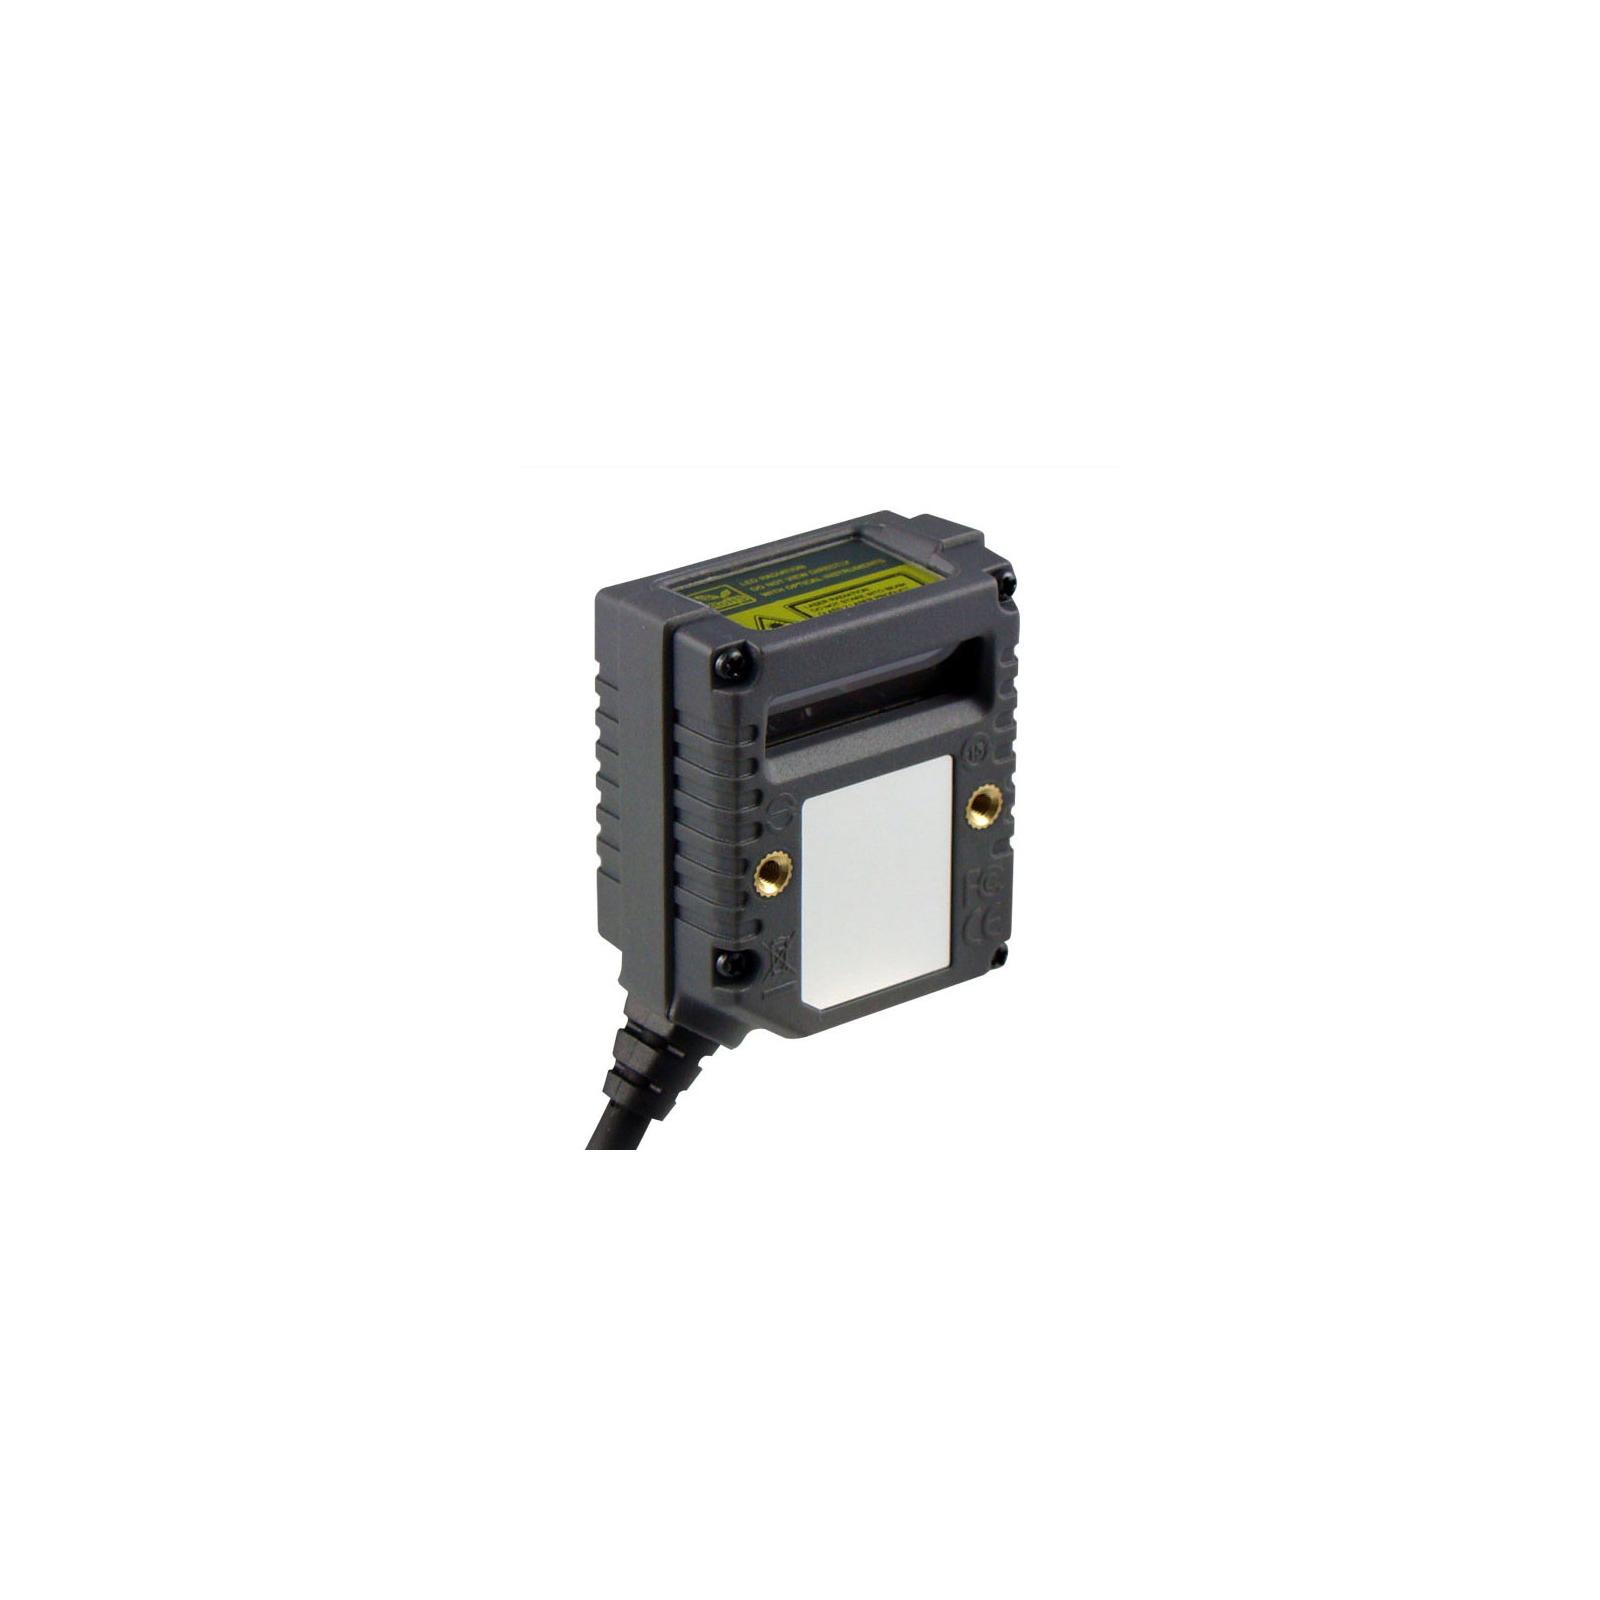 Сканер штрих-кода CINO FM480-98S Universal(1D) (10016) изображение 2